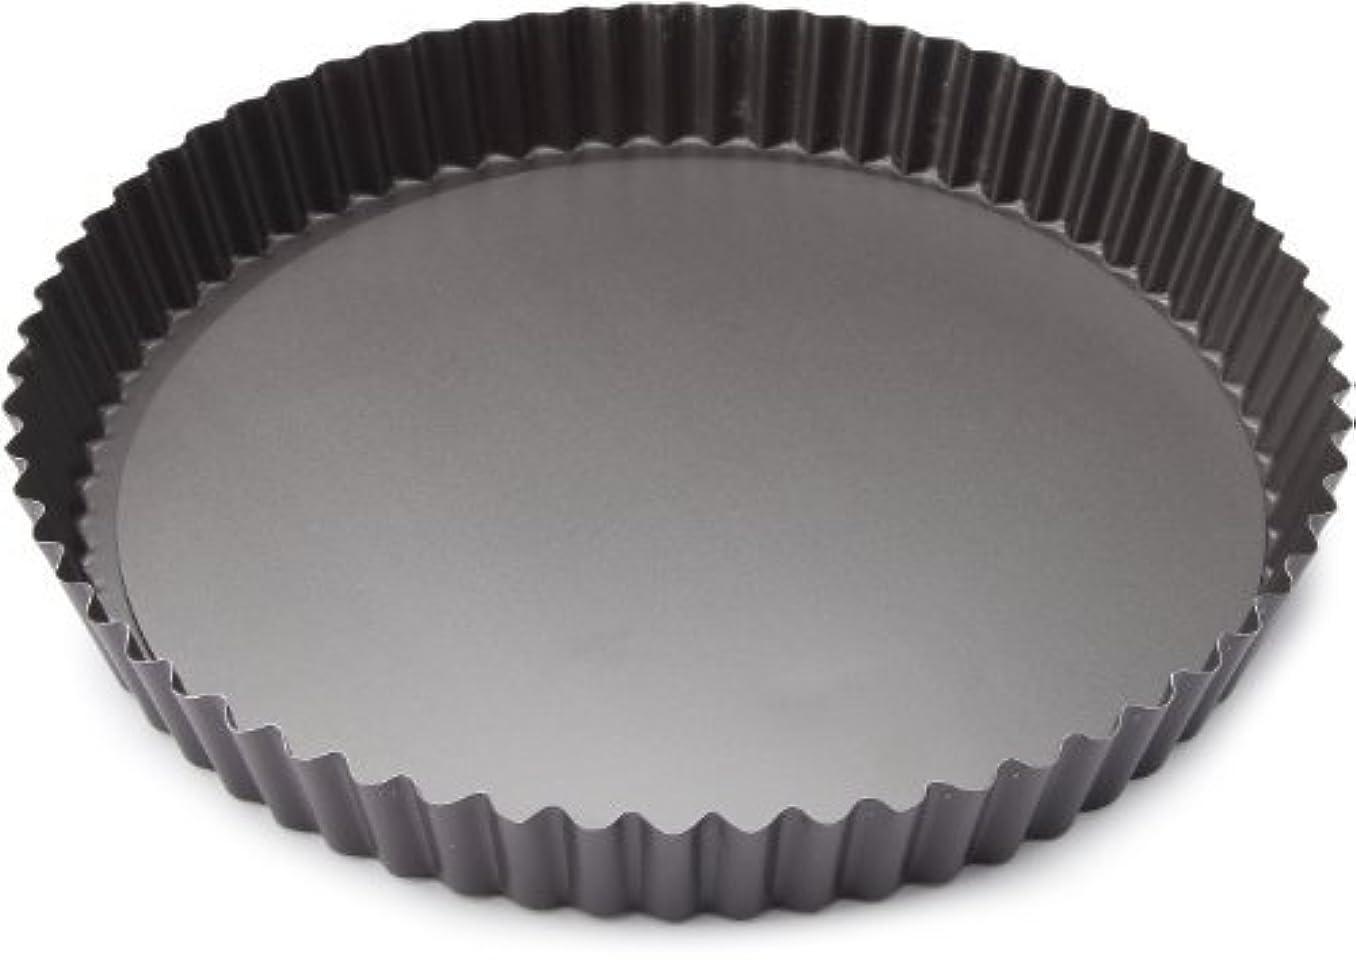 行政喜ぶ抑制Patisse Round Quiche Pan with Removable Bottom 02948 Profi Series 11 or 28 cm in Diameter and 1-3/16 or 3 cm Deep/High Charcoal Gray color [並行輸入品]